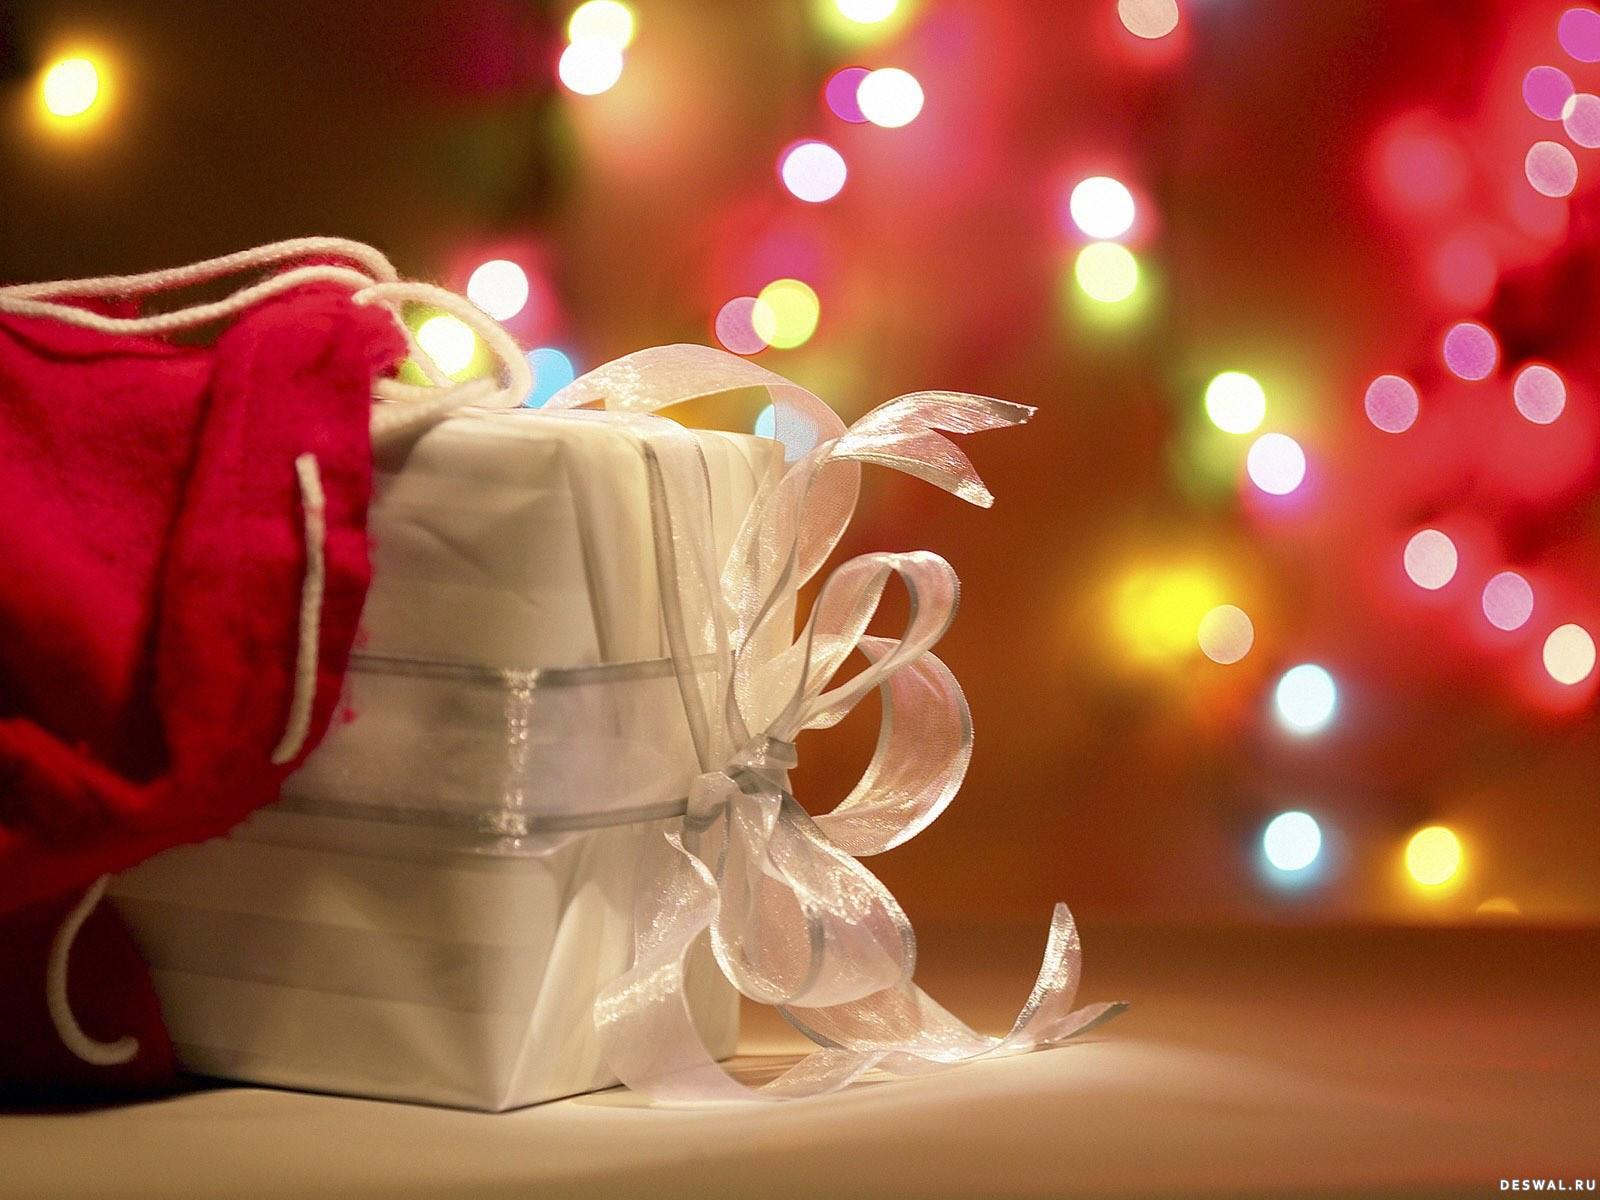 Новогодний подарок из мешочка